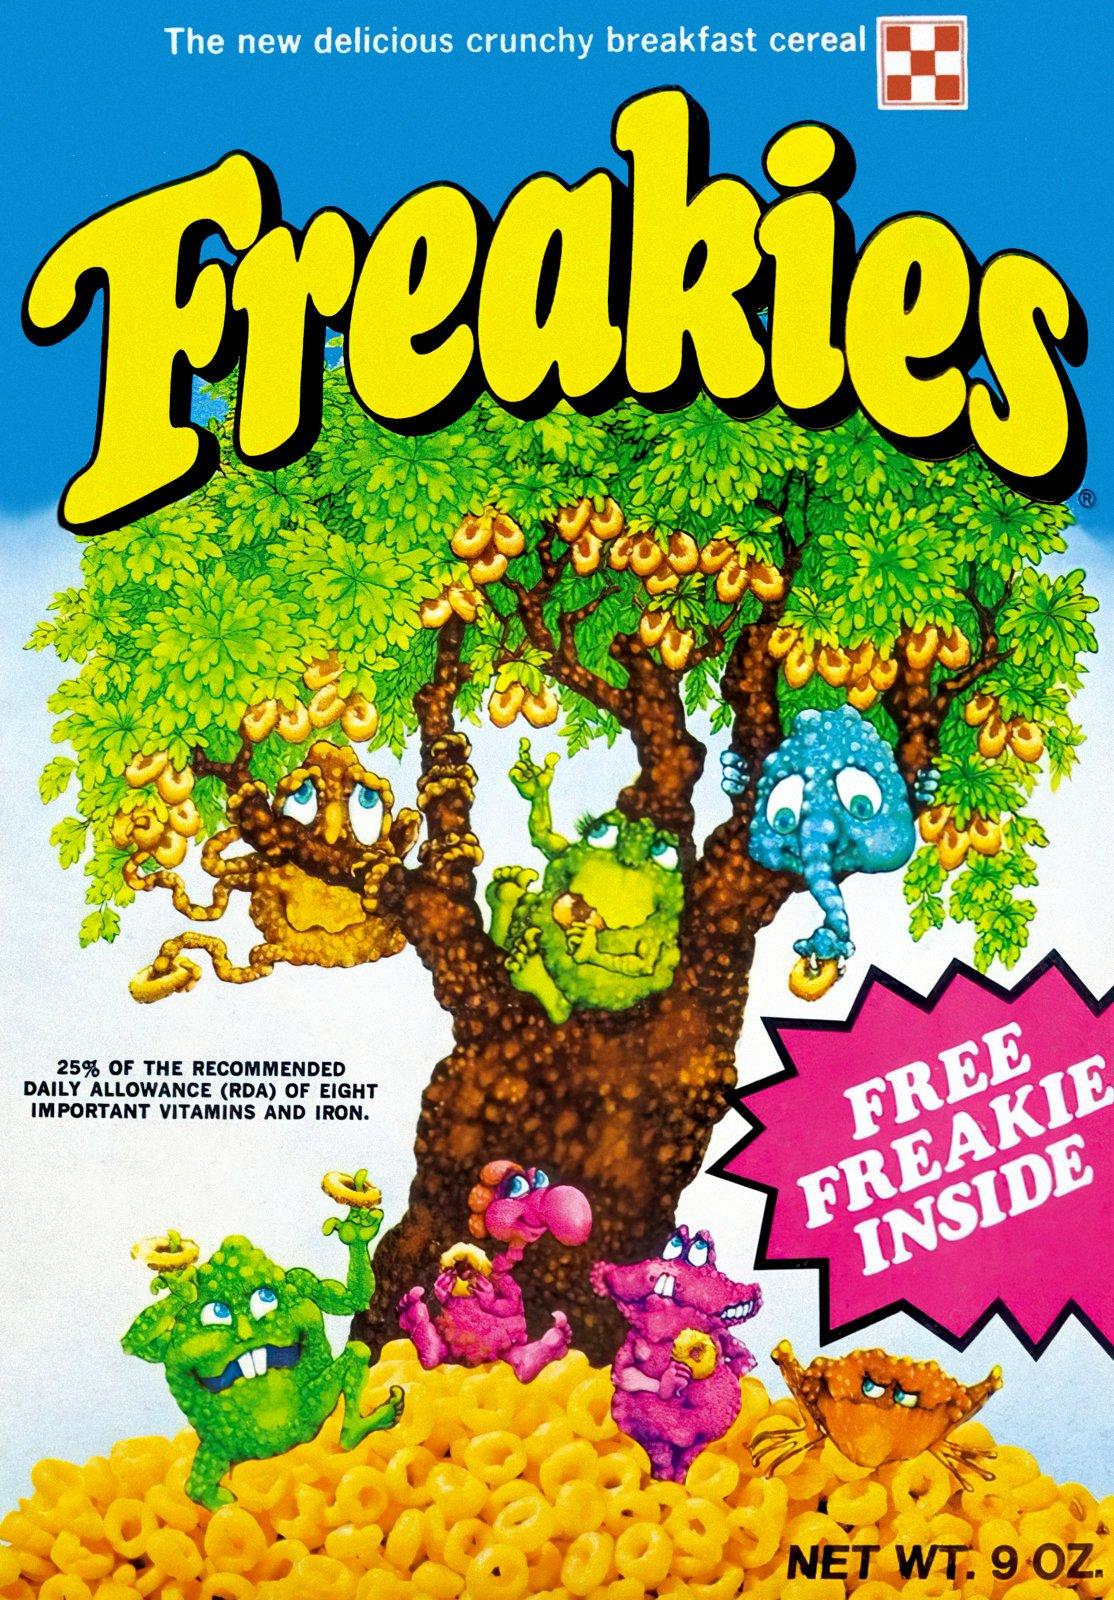 Vintage Freakies cereal box